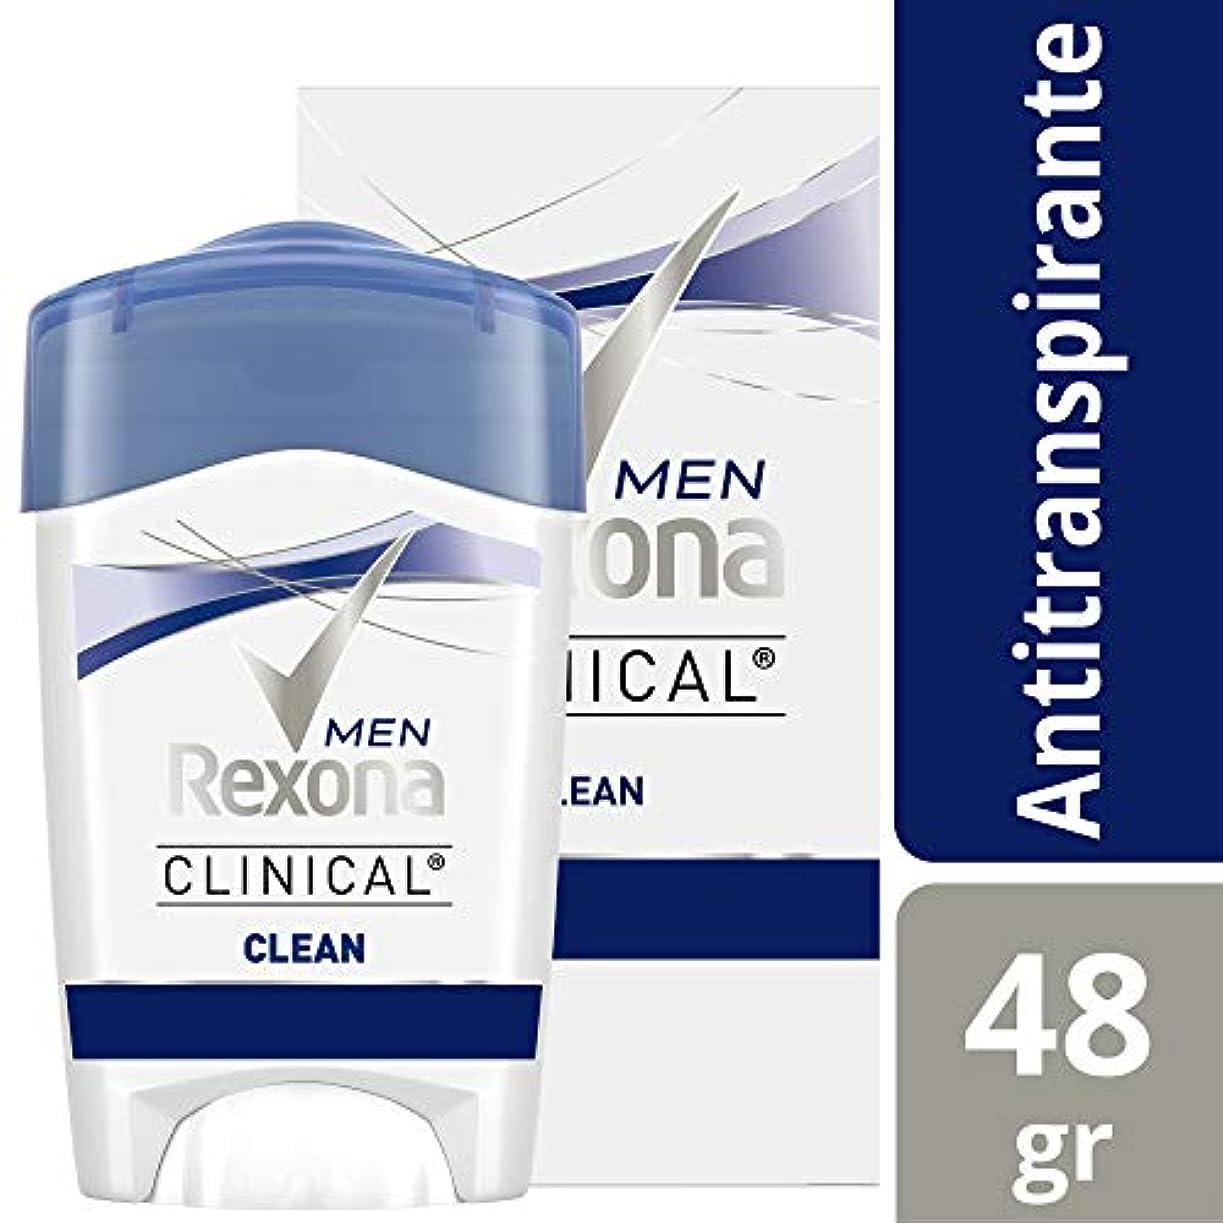 ピルファーピーク写真のRexona Men Clinical Clean レクソーナクリニカルクリーン メンズ デオドラント 48g 制汗剤 直塗りクリームタイプ 男性用